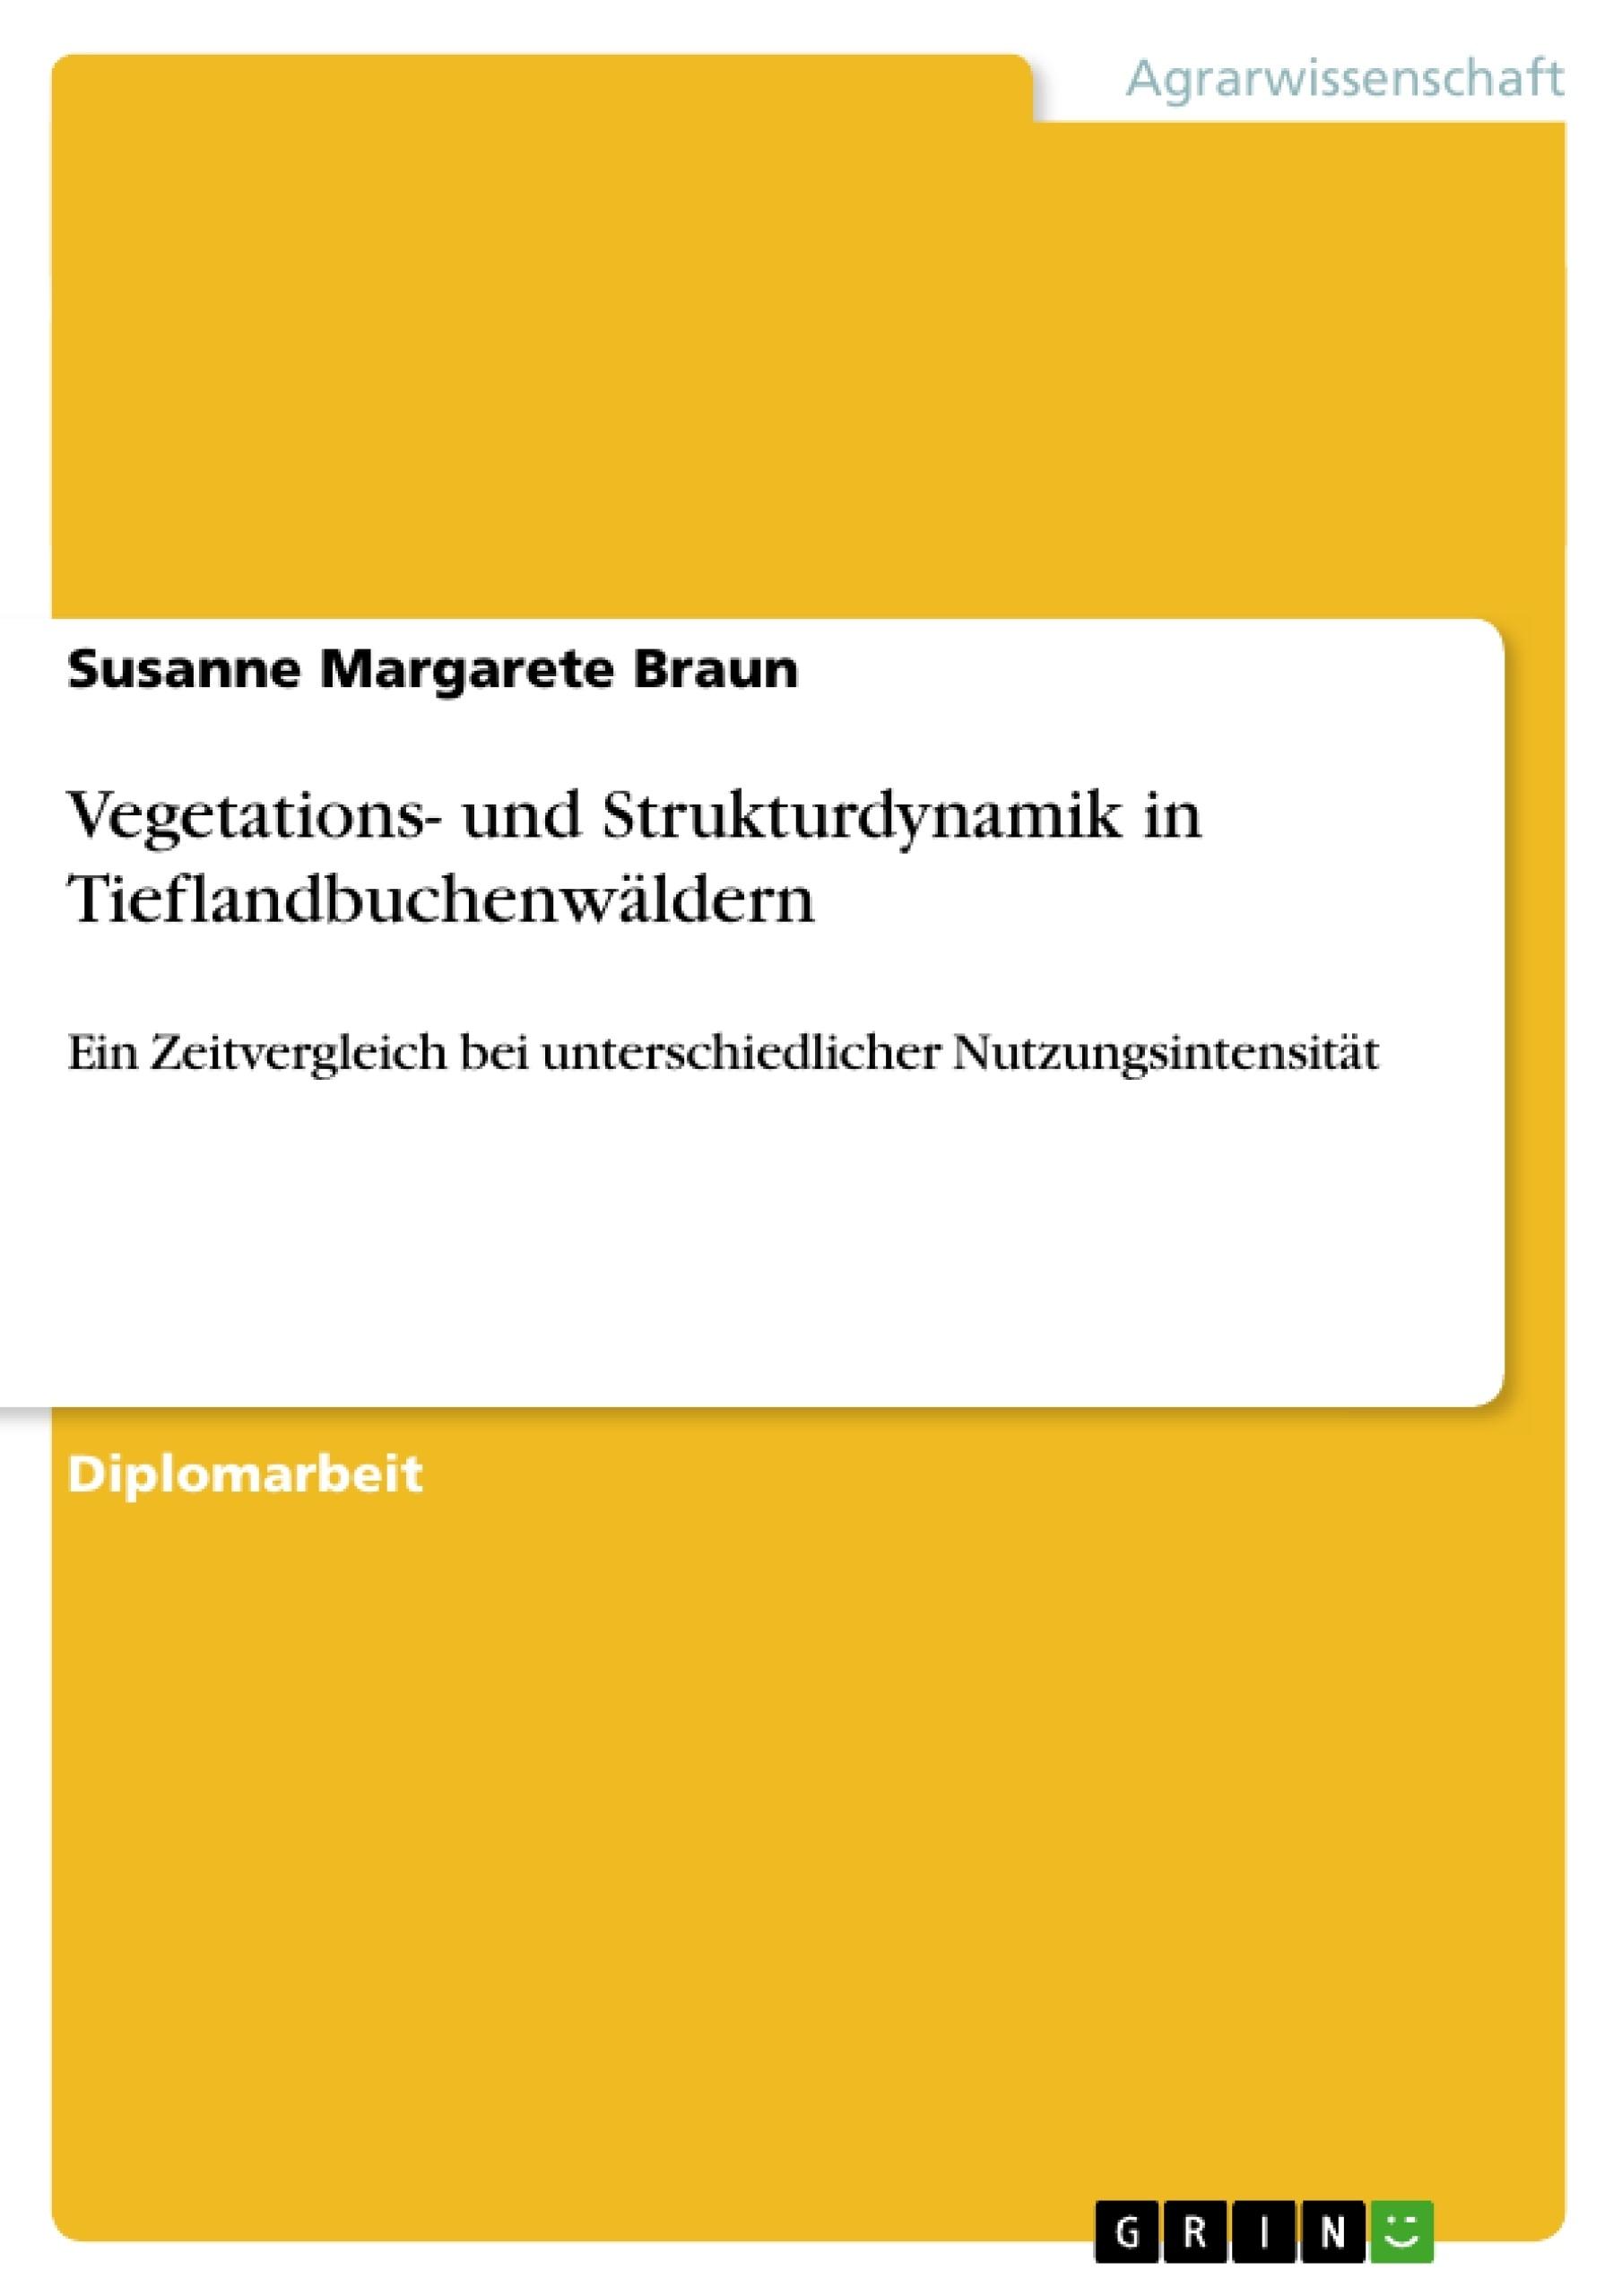 Titel: Vegetations- und Strukturdynamik in Tieflandbuchenwäldern